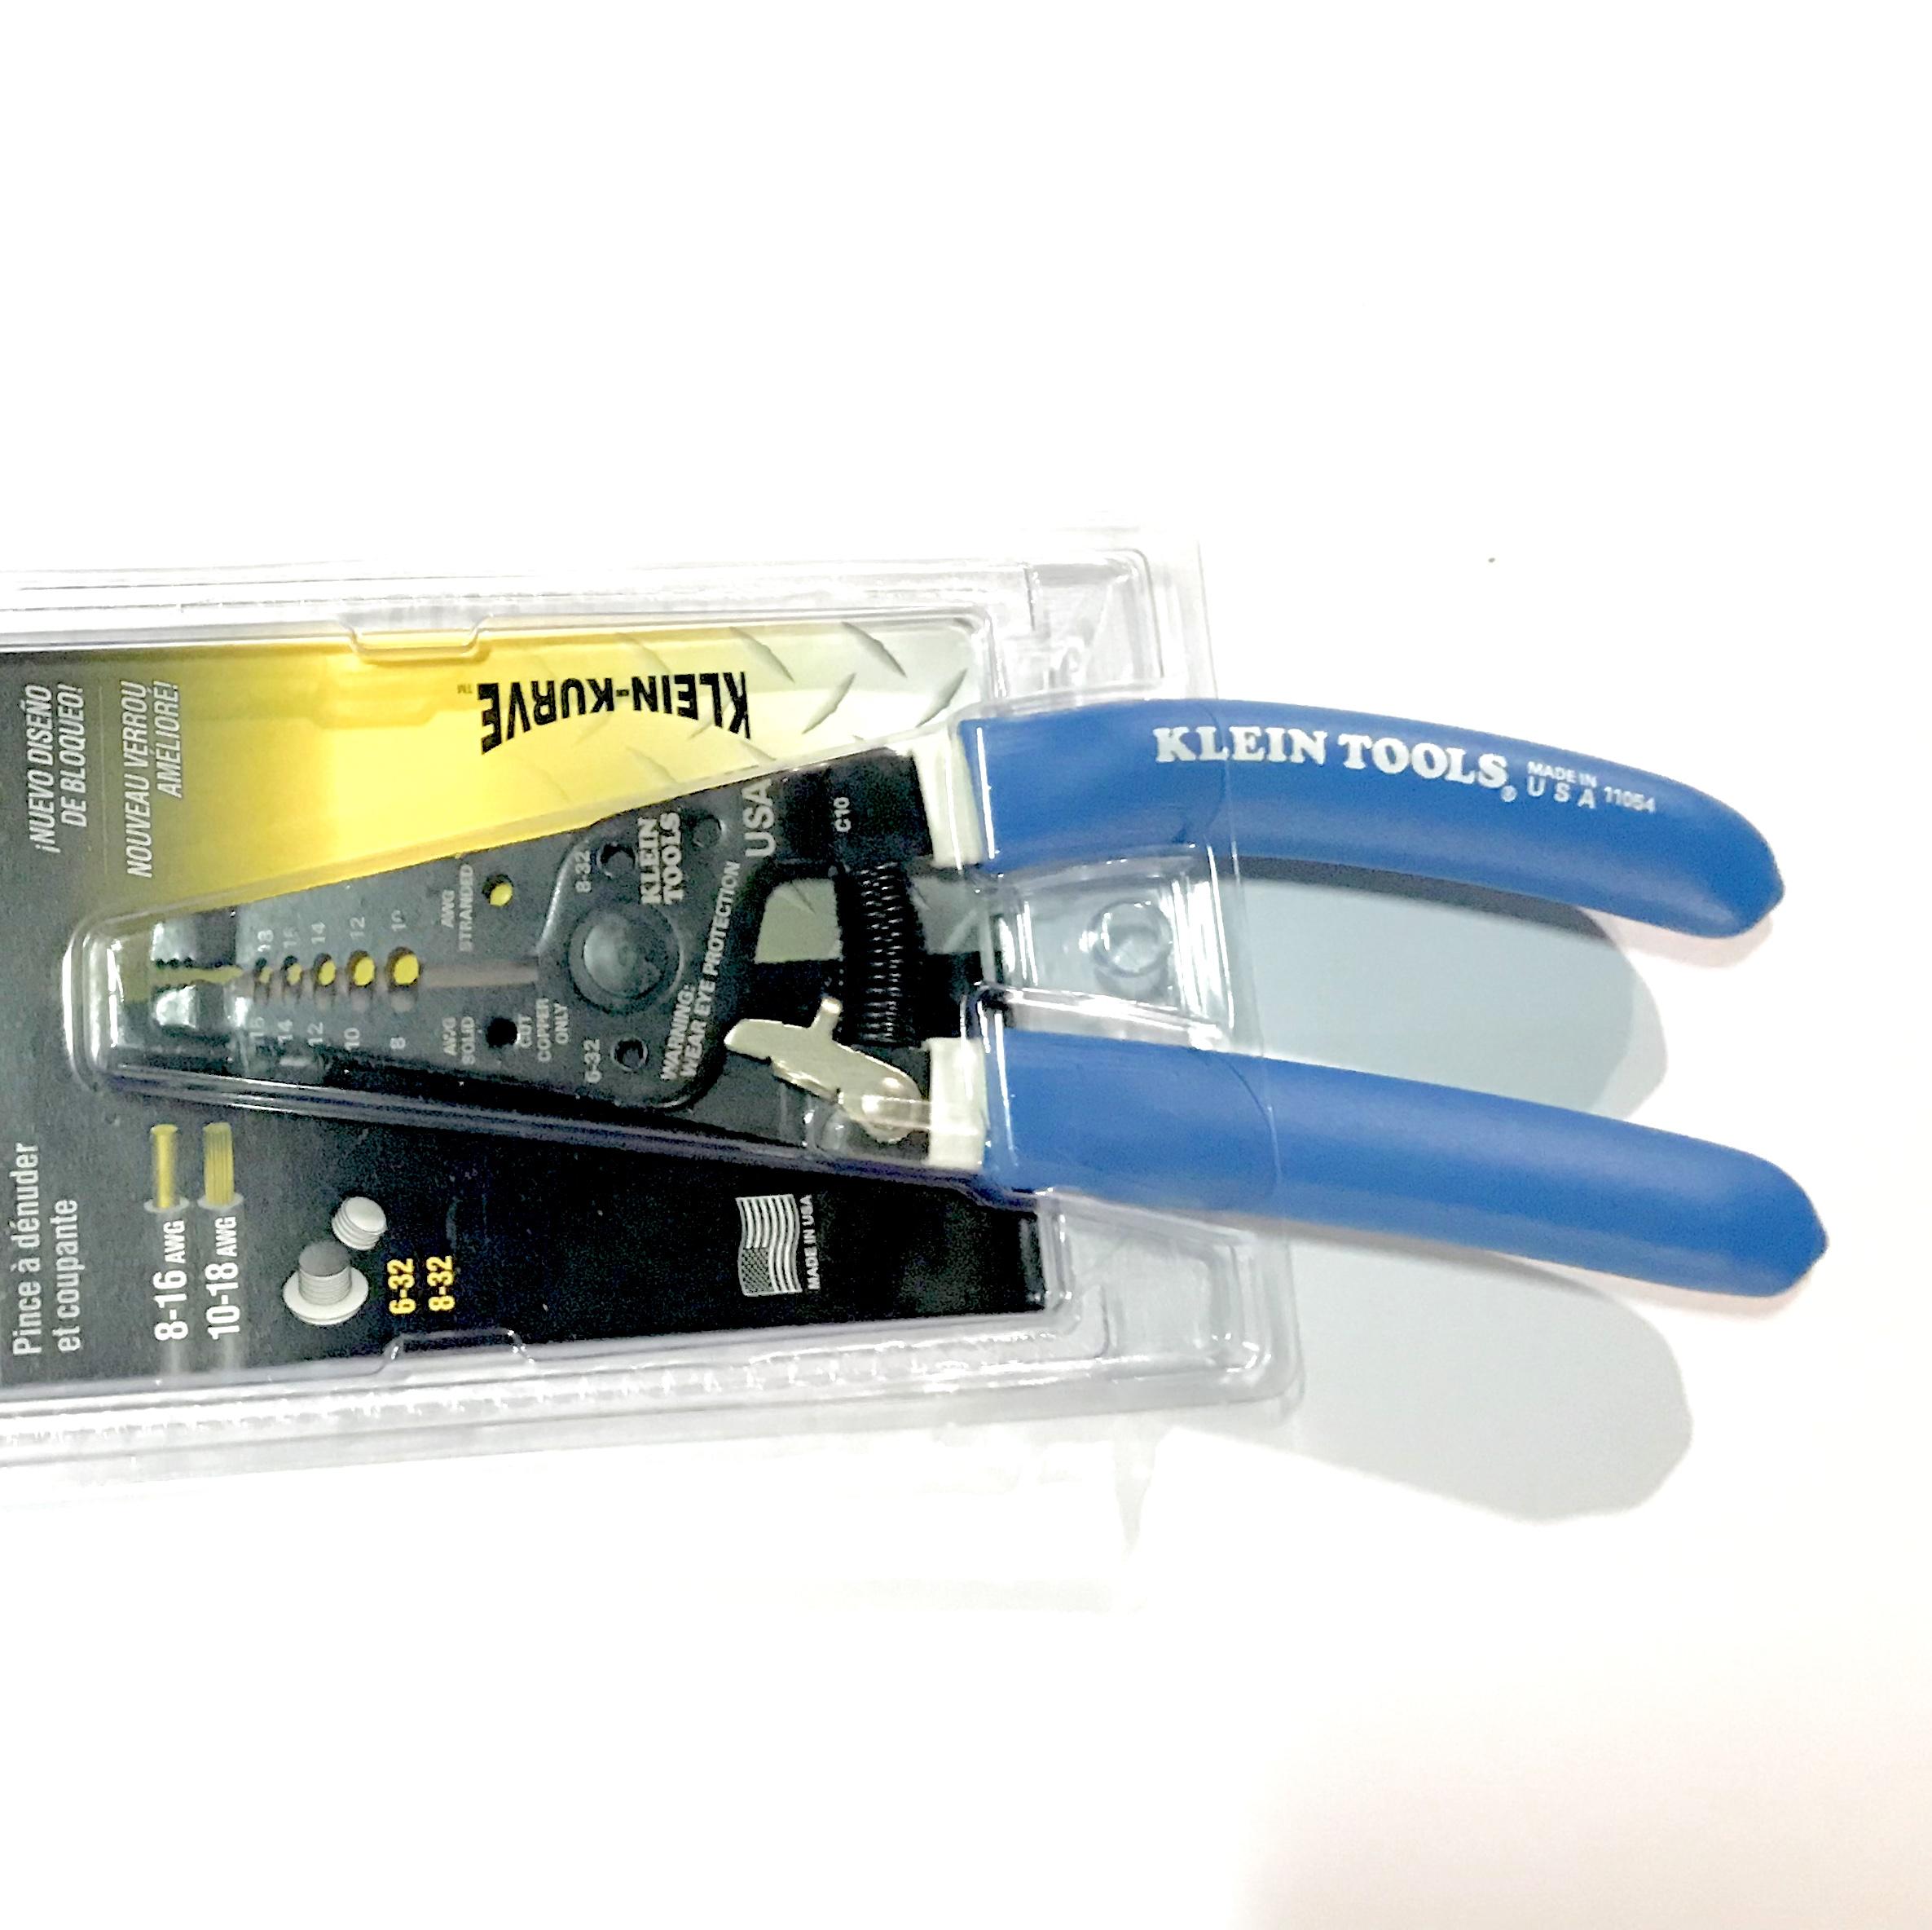 Klein Tools Wire Stripper 11054 Klein Kurve Blue/White Handles